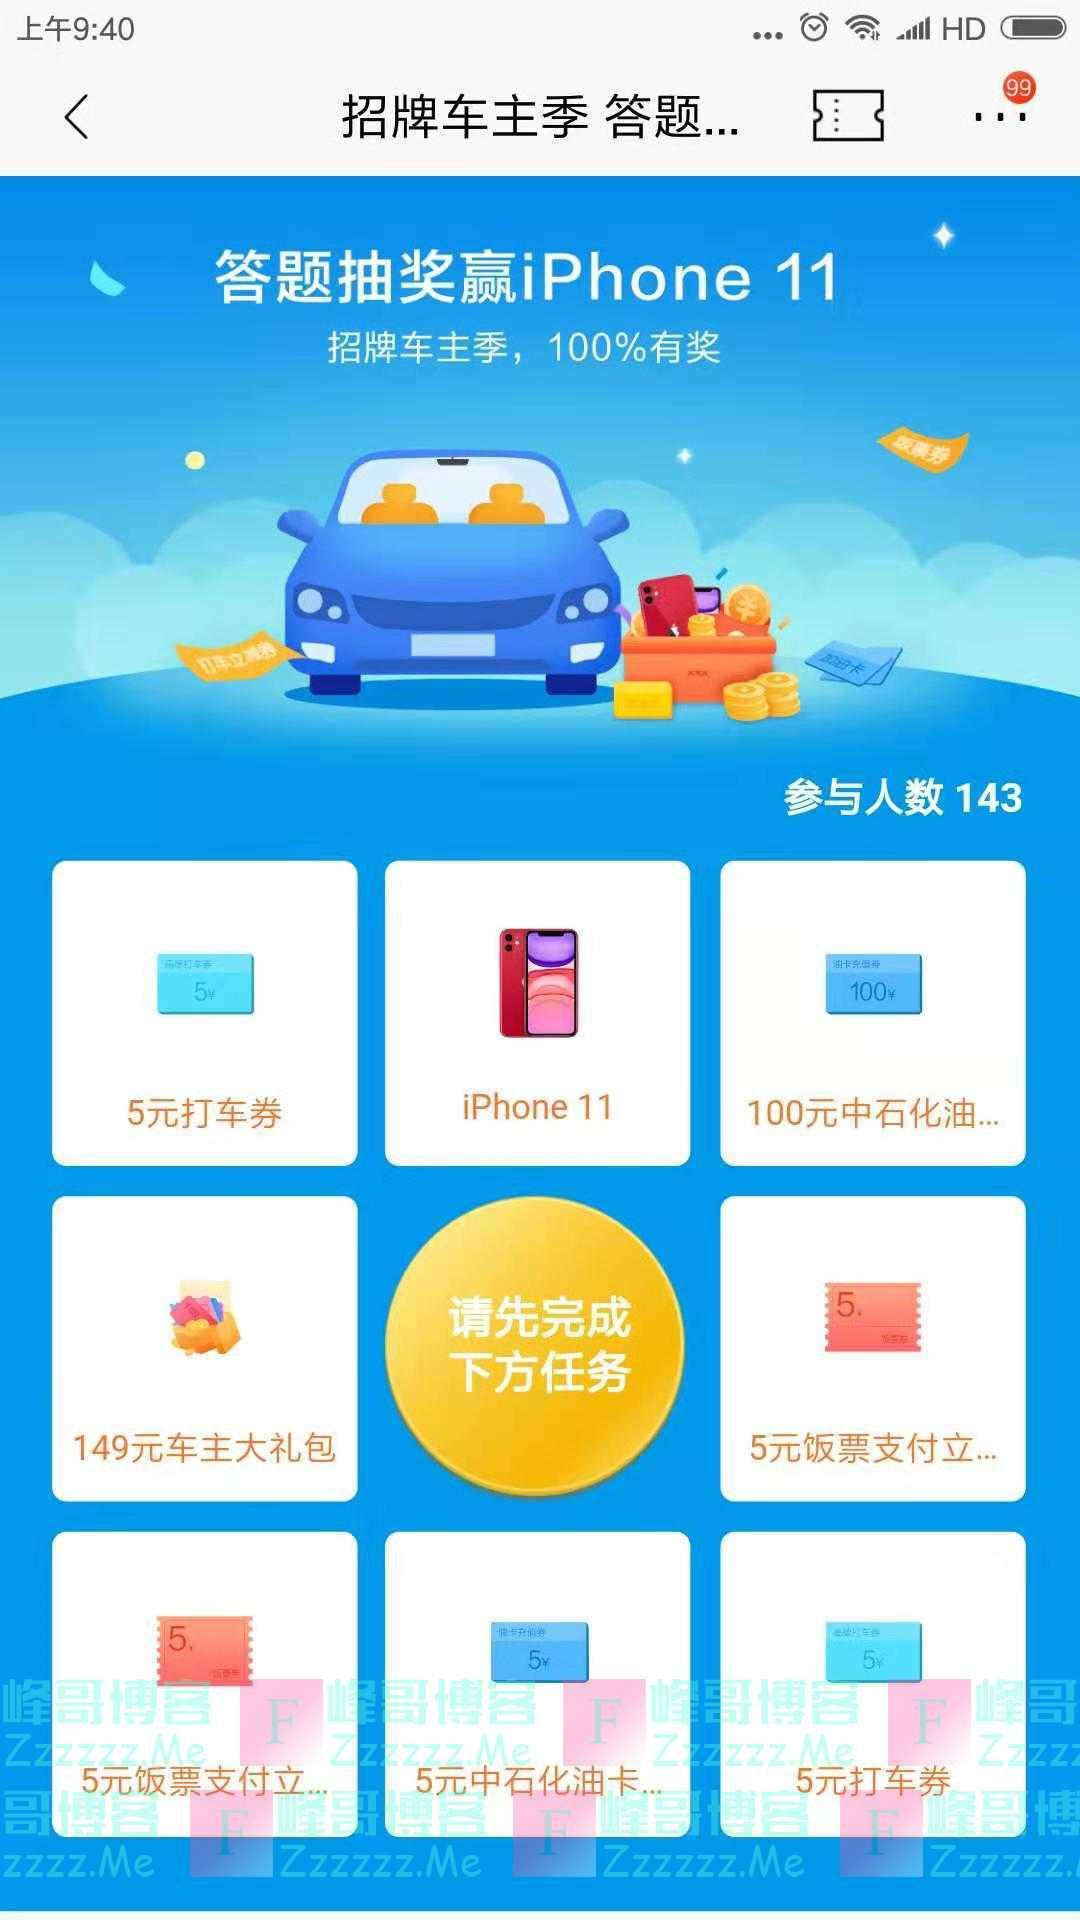 招行招牌车主季 答题赢IPHONE 11(截止10月31日)